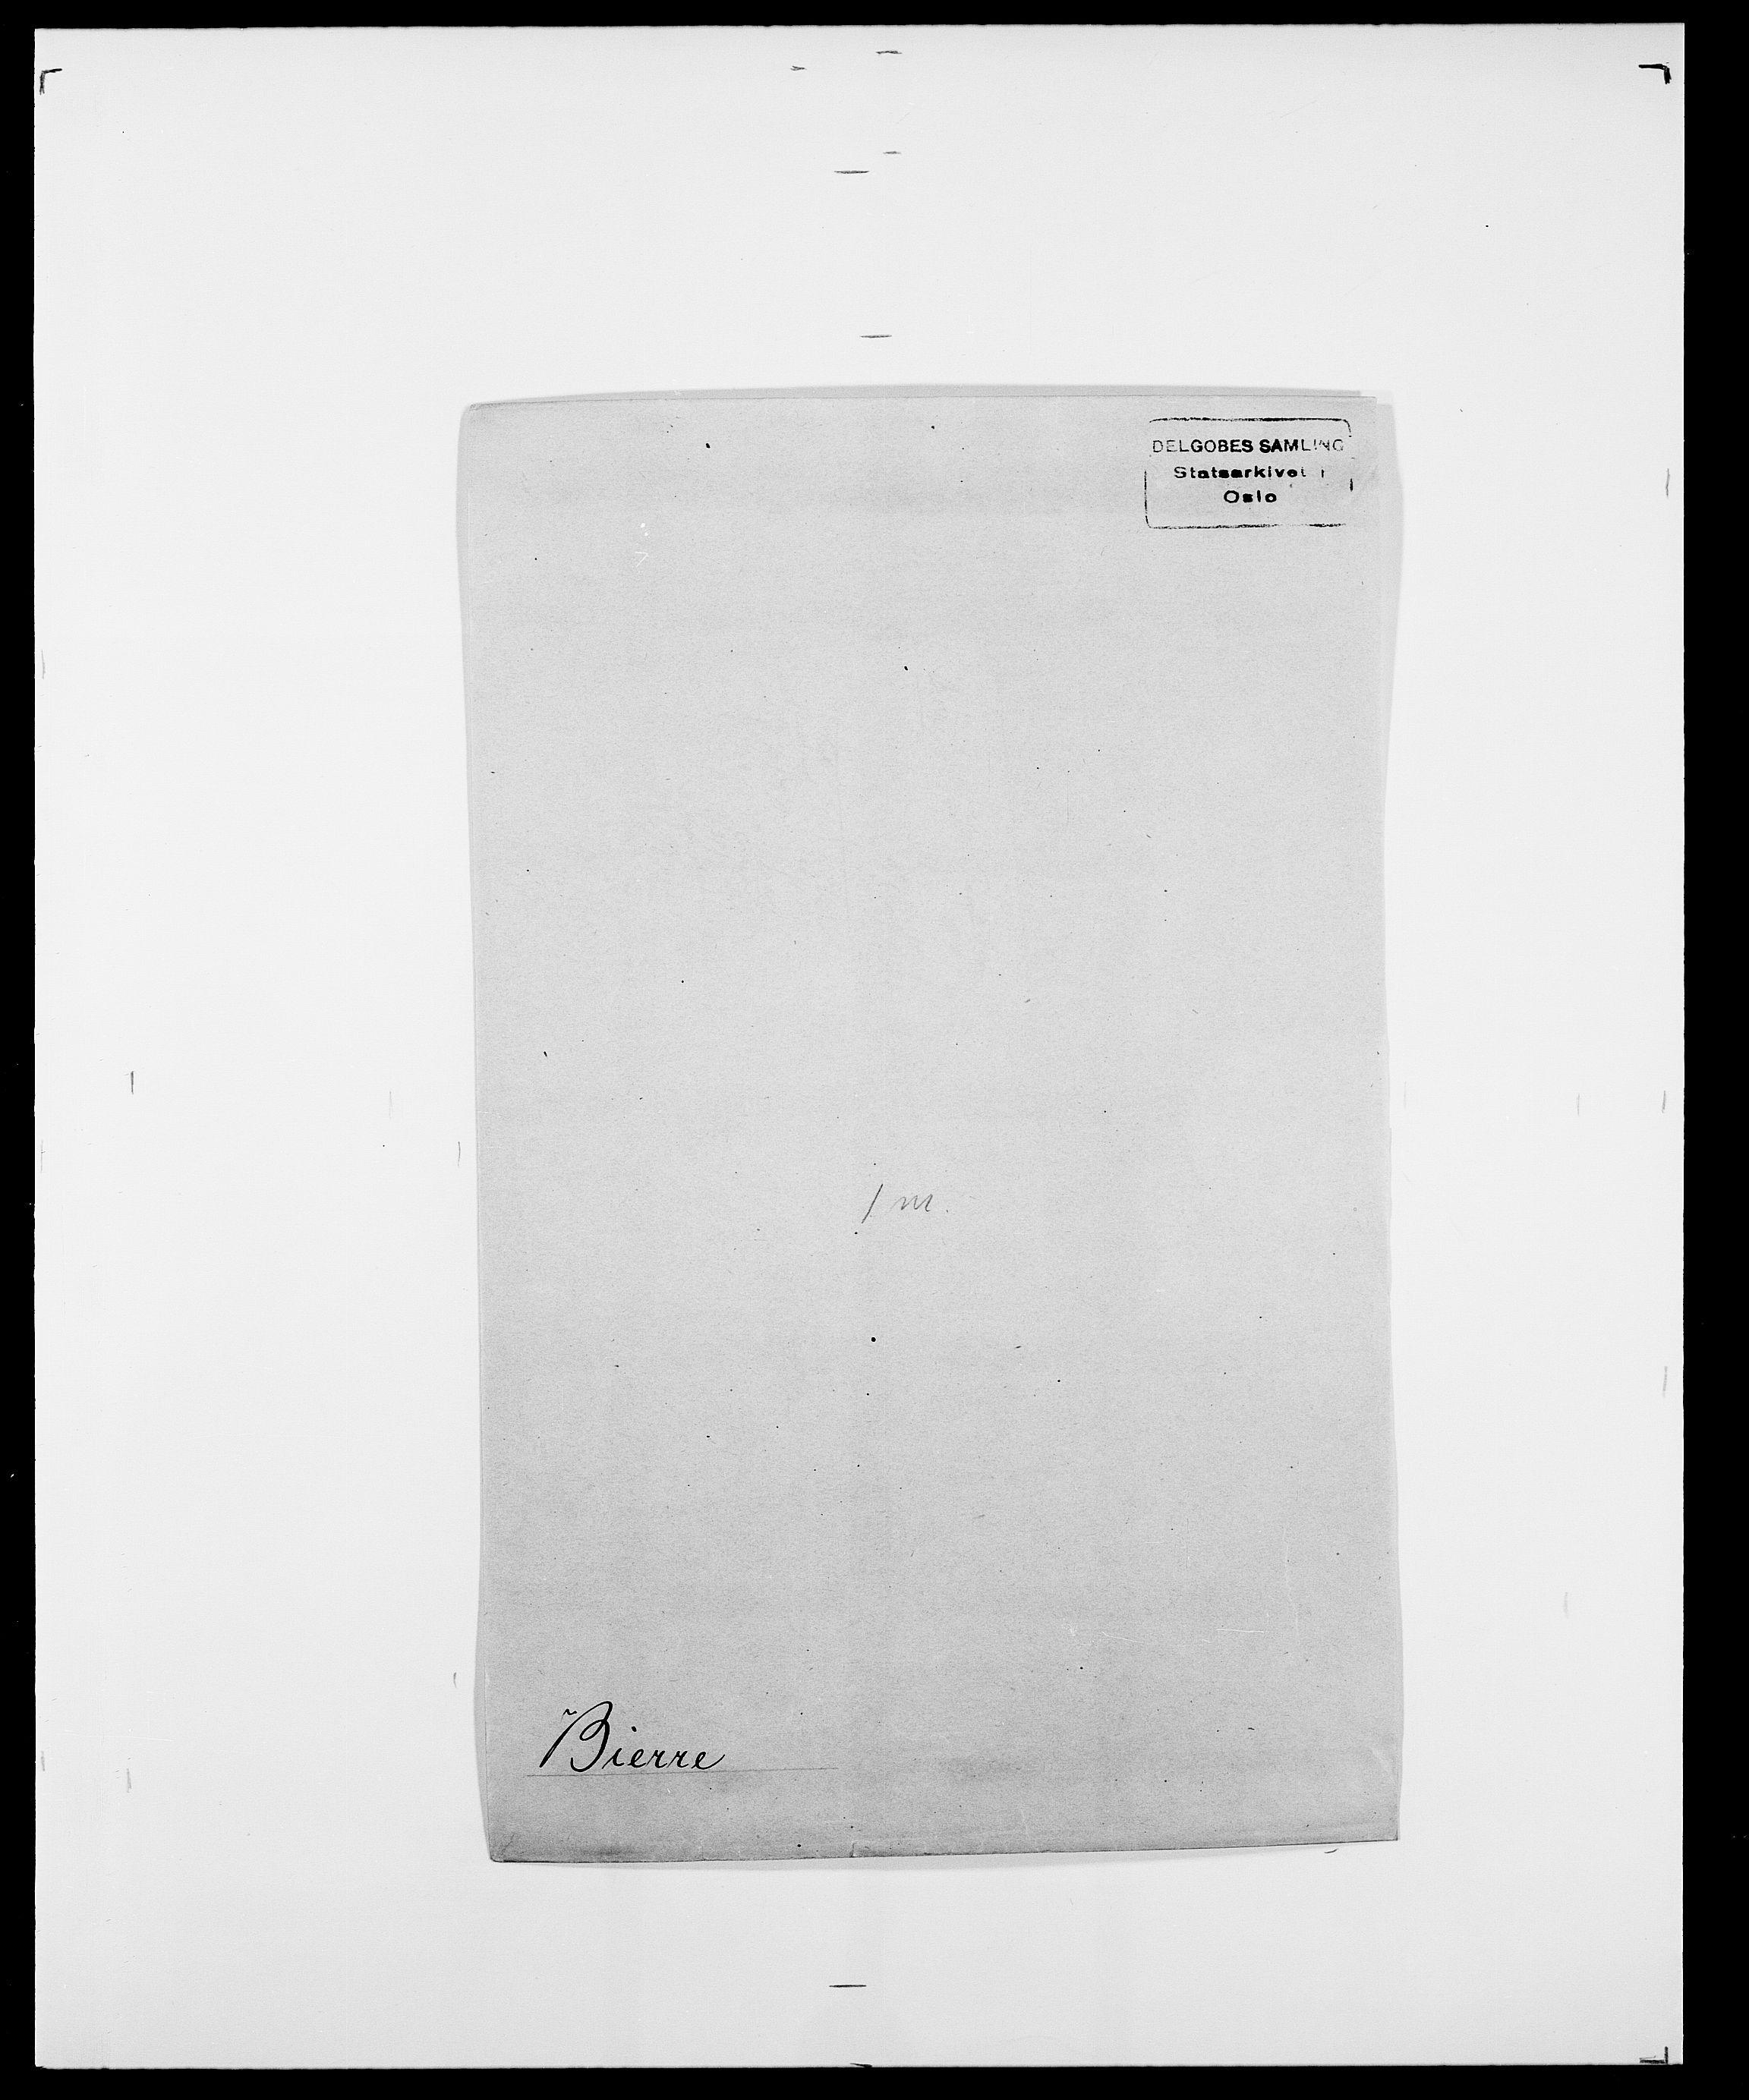 SAO, Delgobe, Charles Antoine - samling, D/Da/L0004: Bergendahl - Blære, s. 256